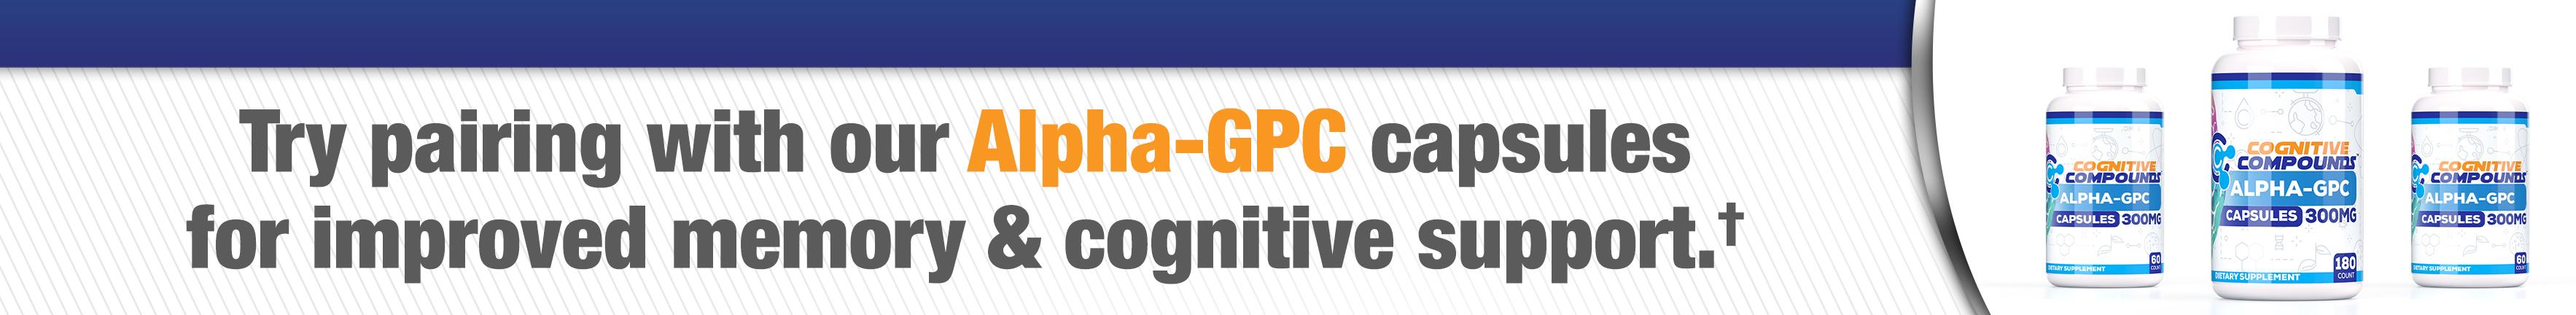 alpha-gpc-consider-10-21.jpg